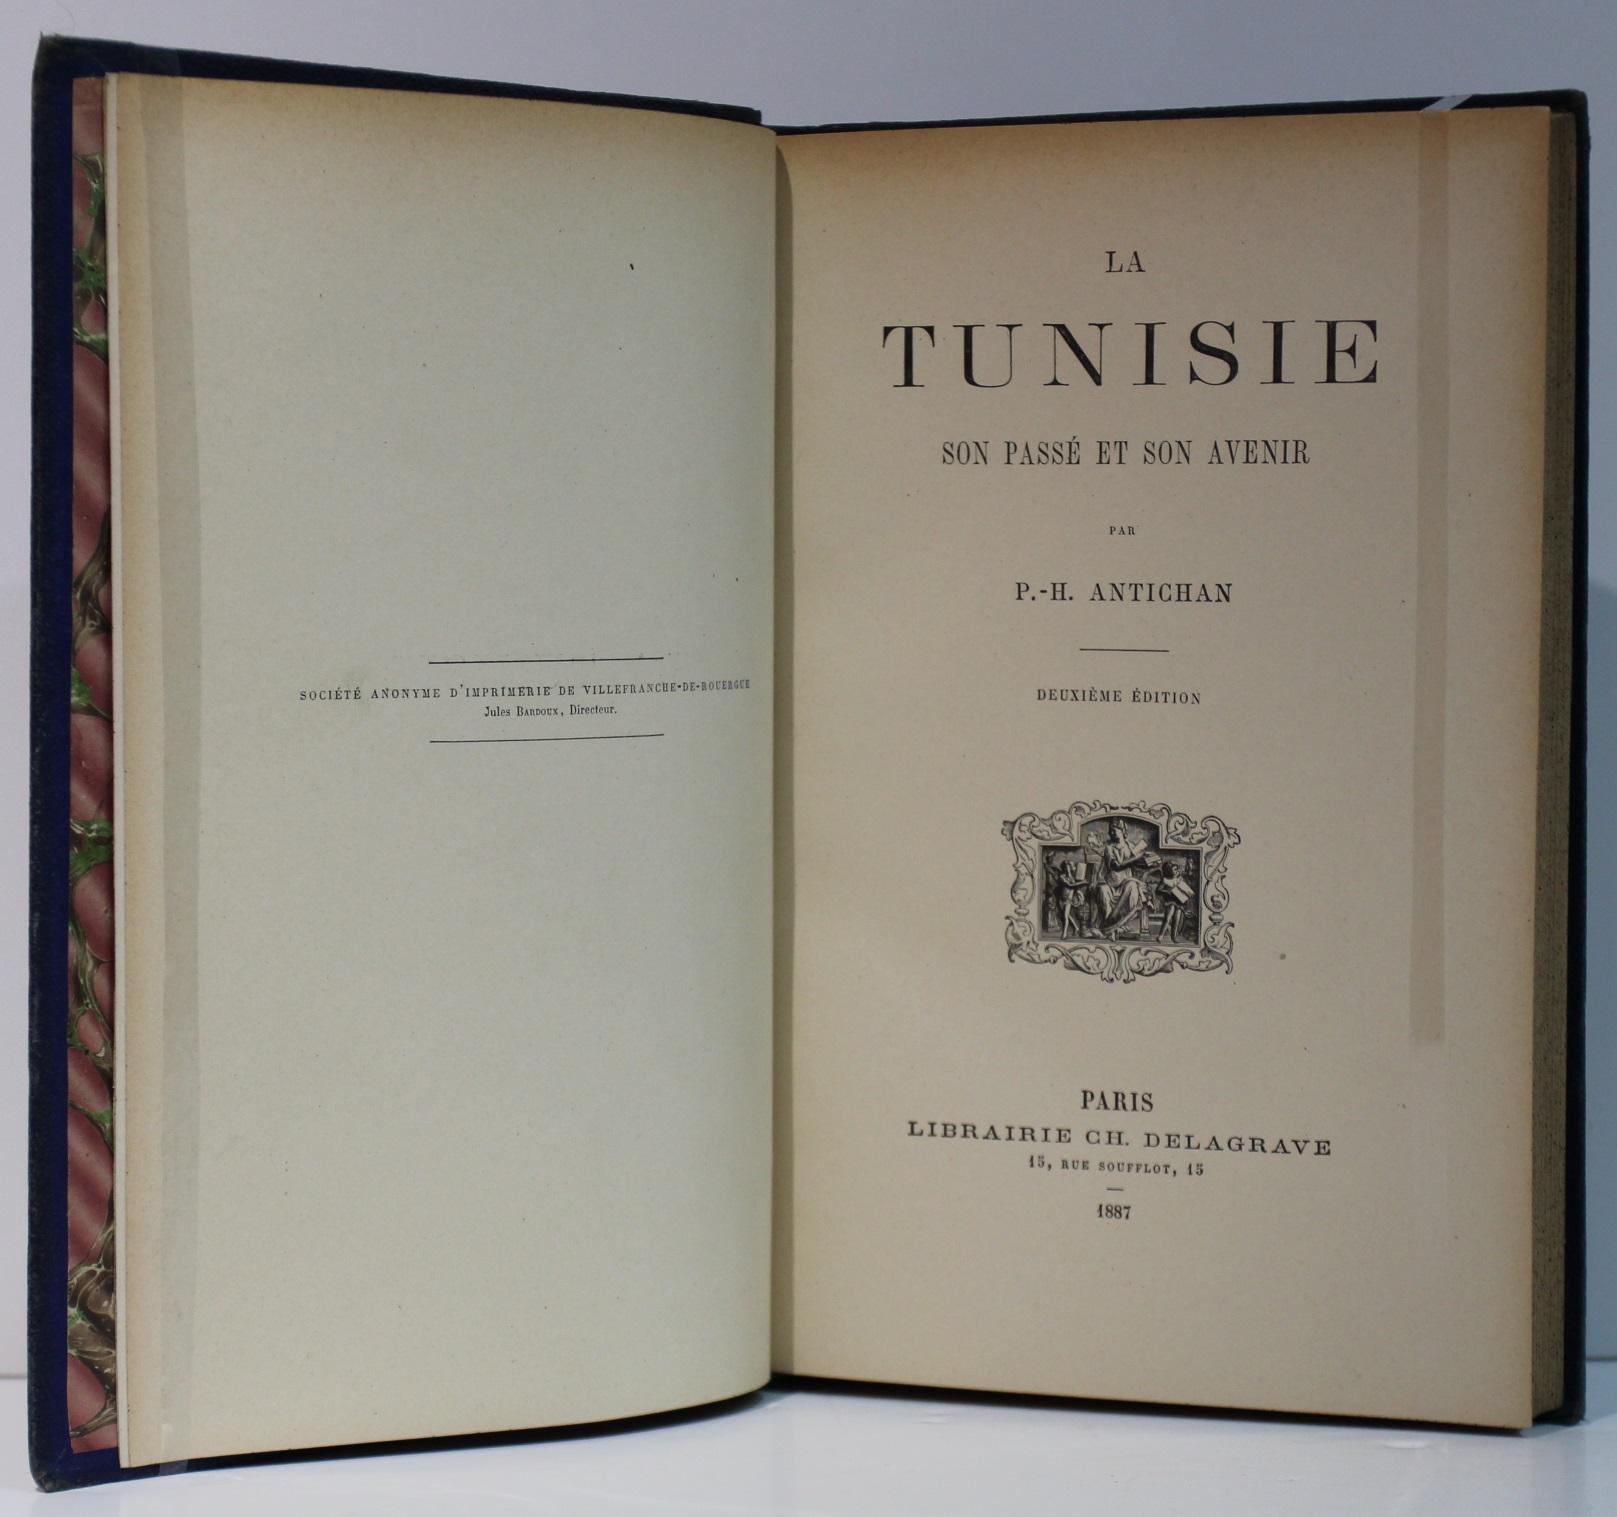 La Tunisie, son passé, son avenir. Antichan. Delagrave. 1887. Page titre.